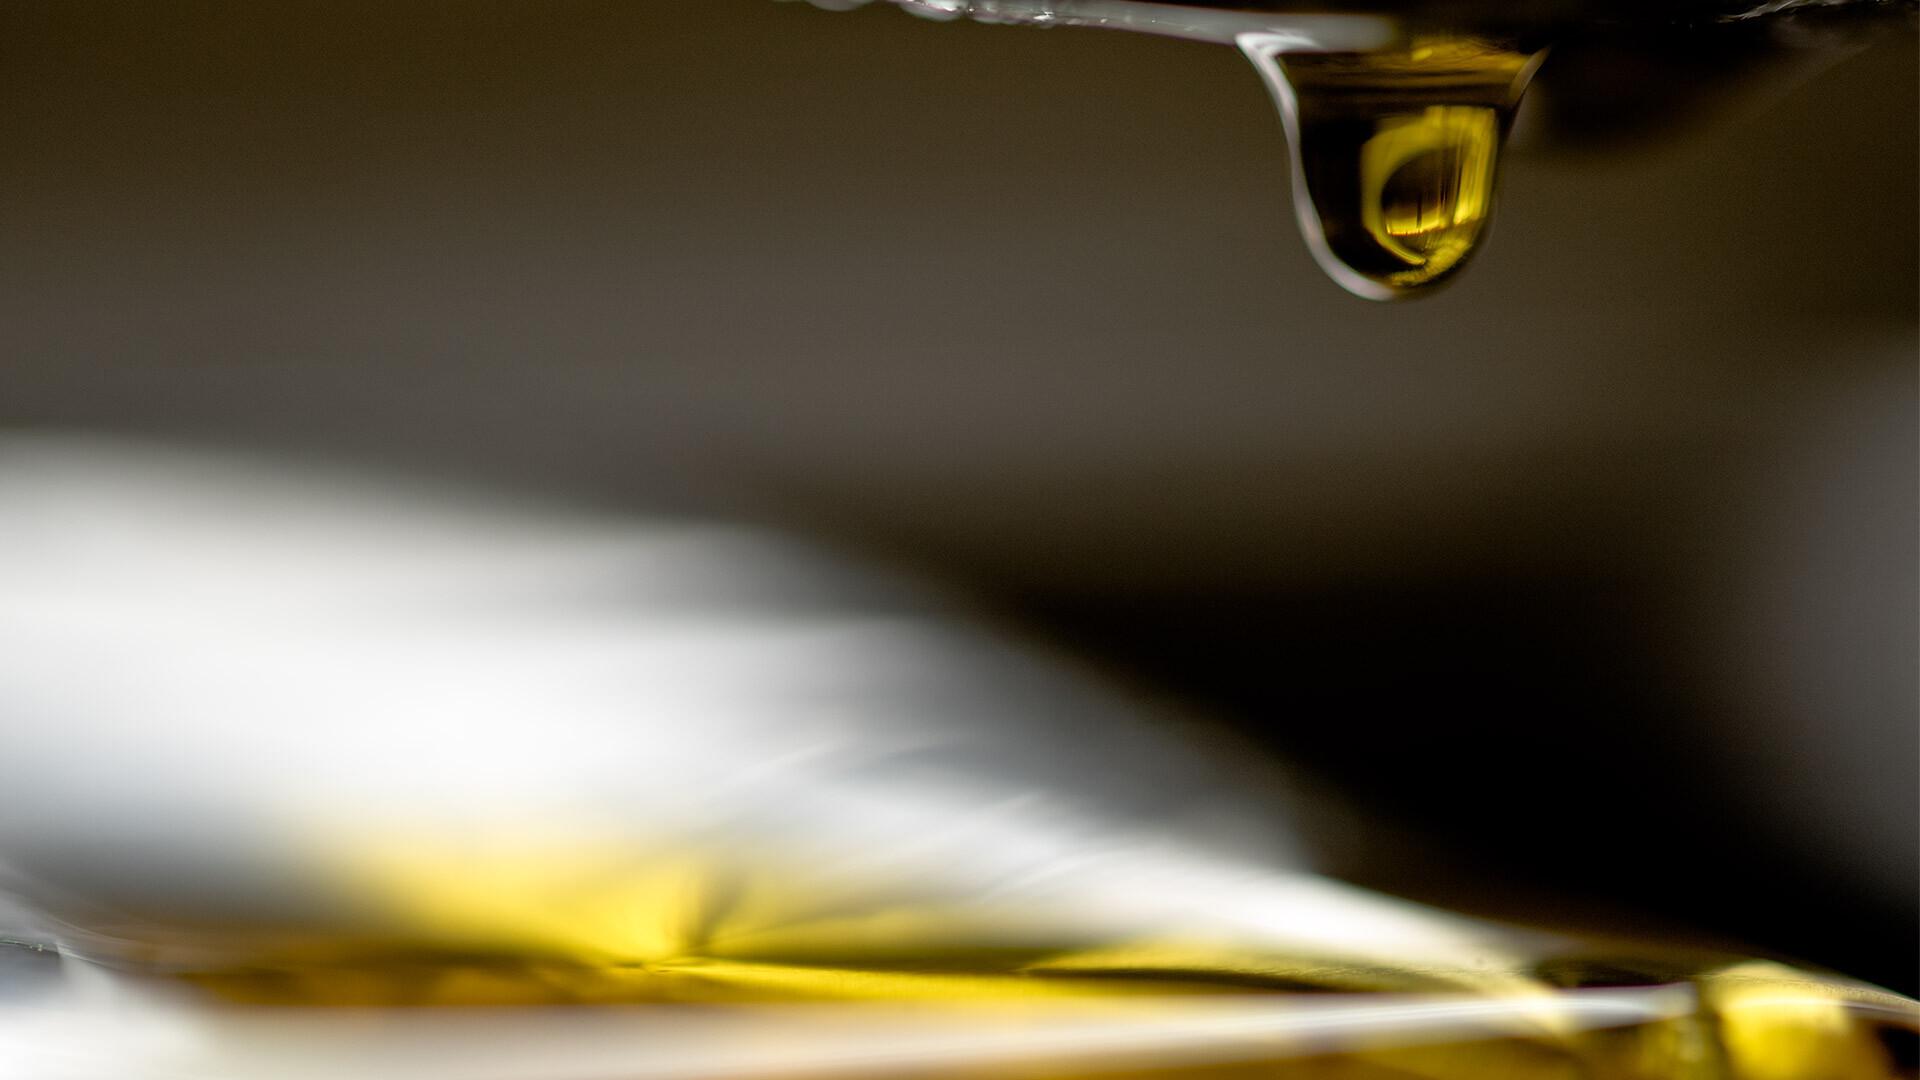 LIQUID GOLD - ENDLESS FRESH